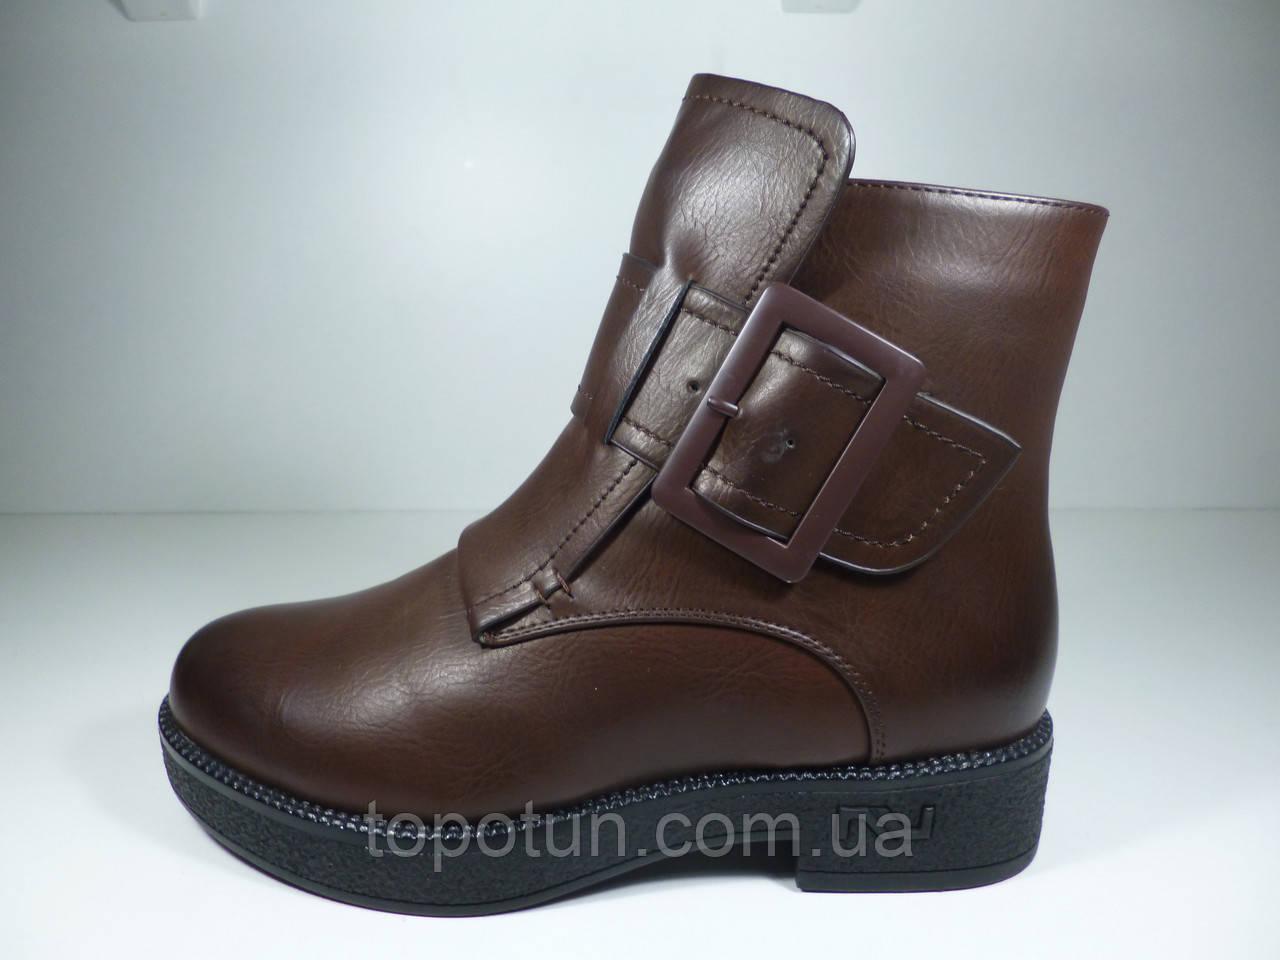 """Зимние ботинки для девочки """"Purlina"""" Размер: 38,39"""